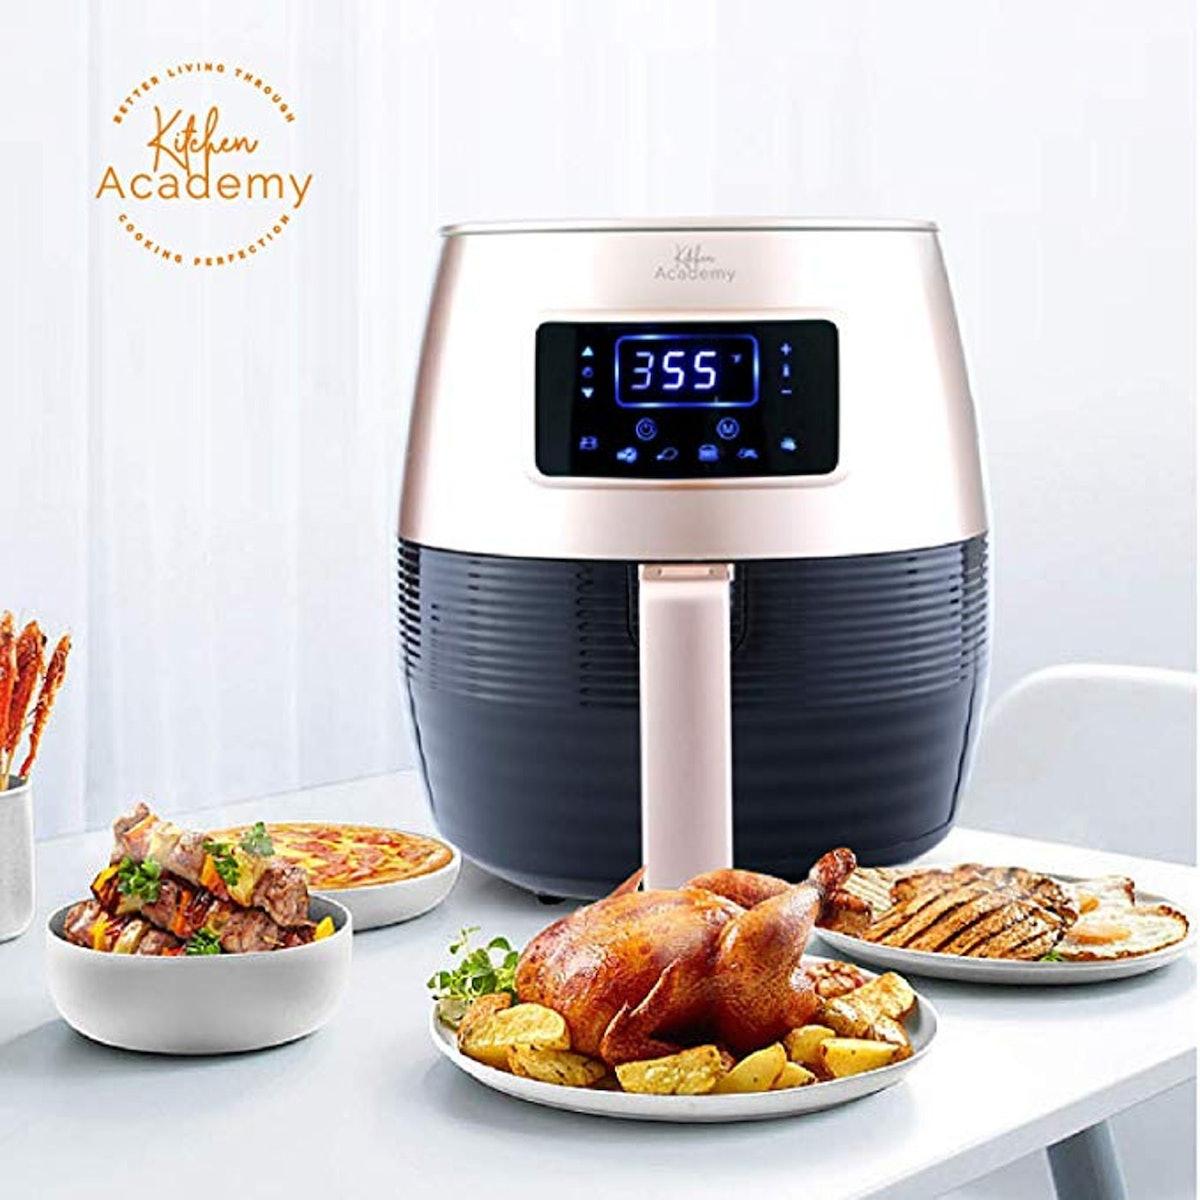 Kitchen Academy Air Fryer